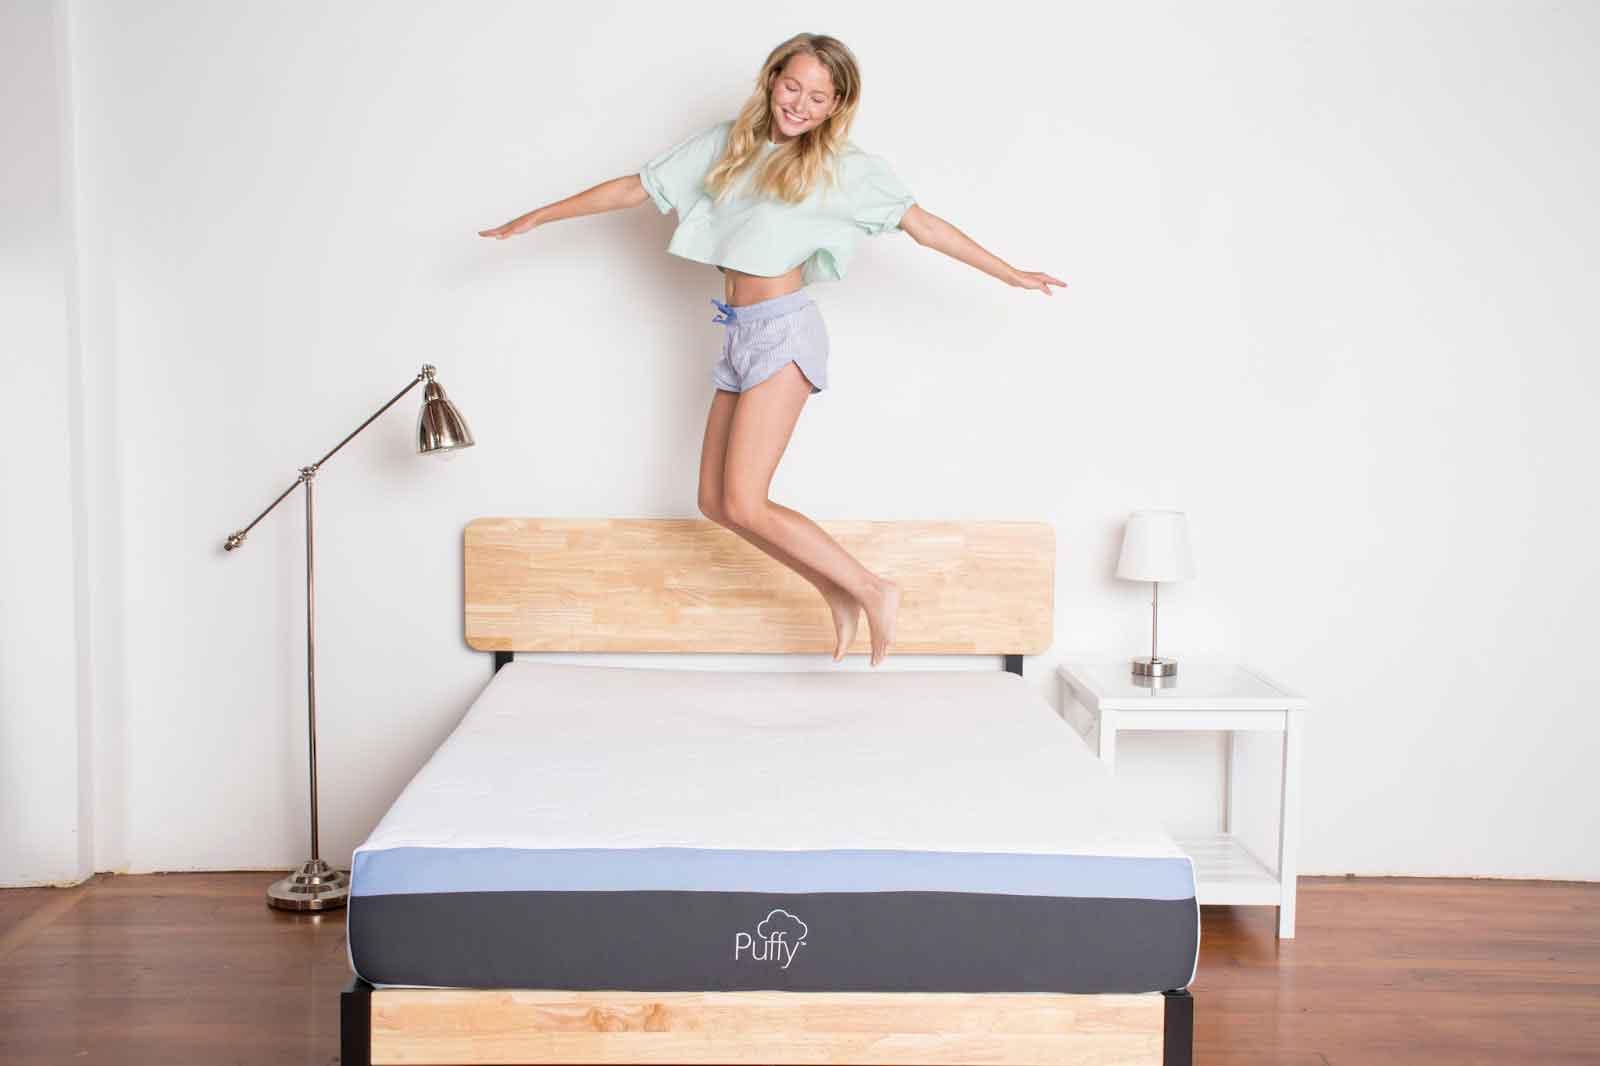 jumping on a puffy mattress